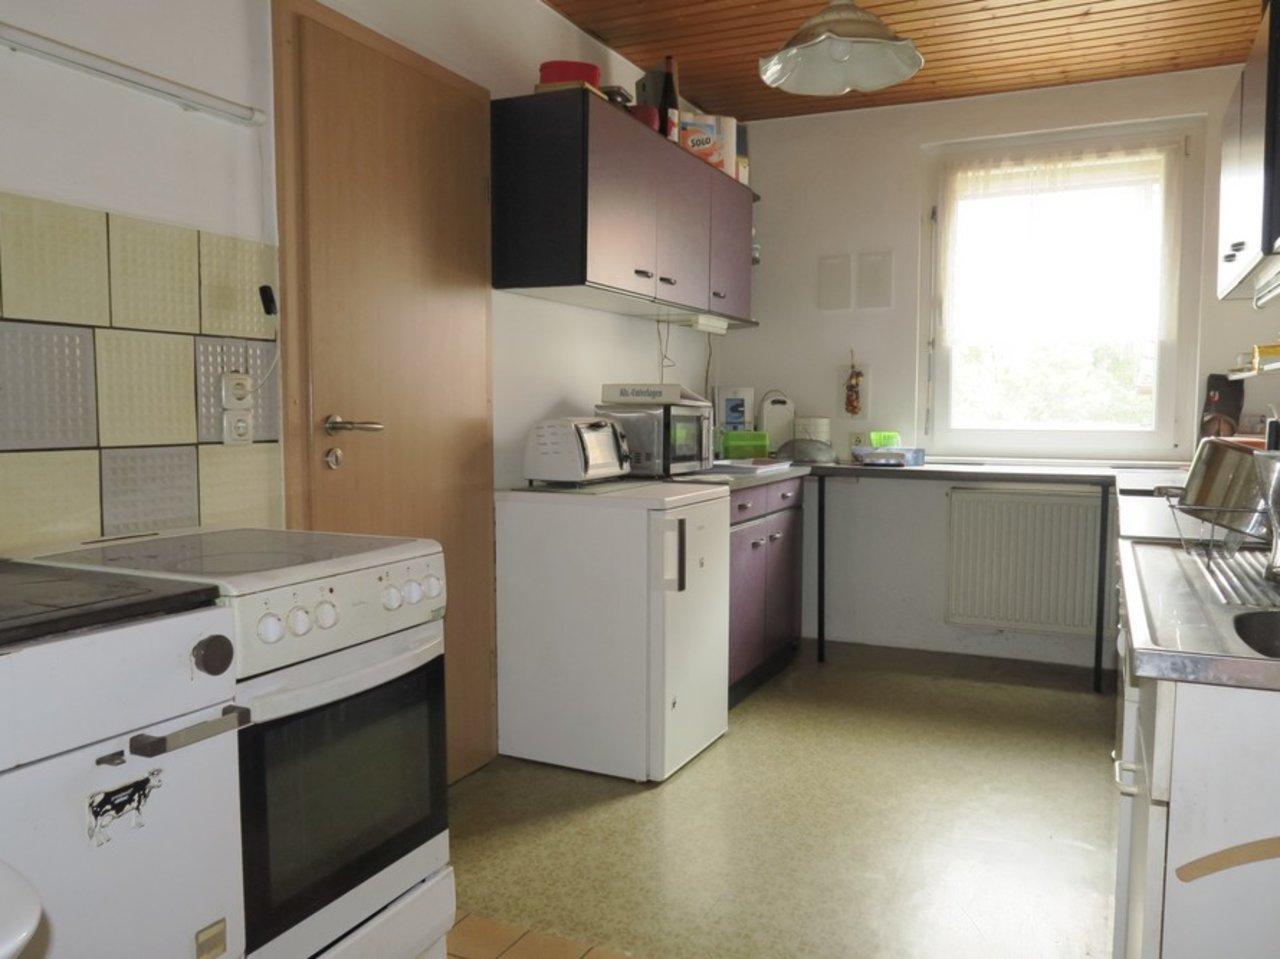 Freistehendes, modernisierungsbedürftiges EFH in Wülfershausen-Küche